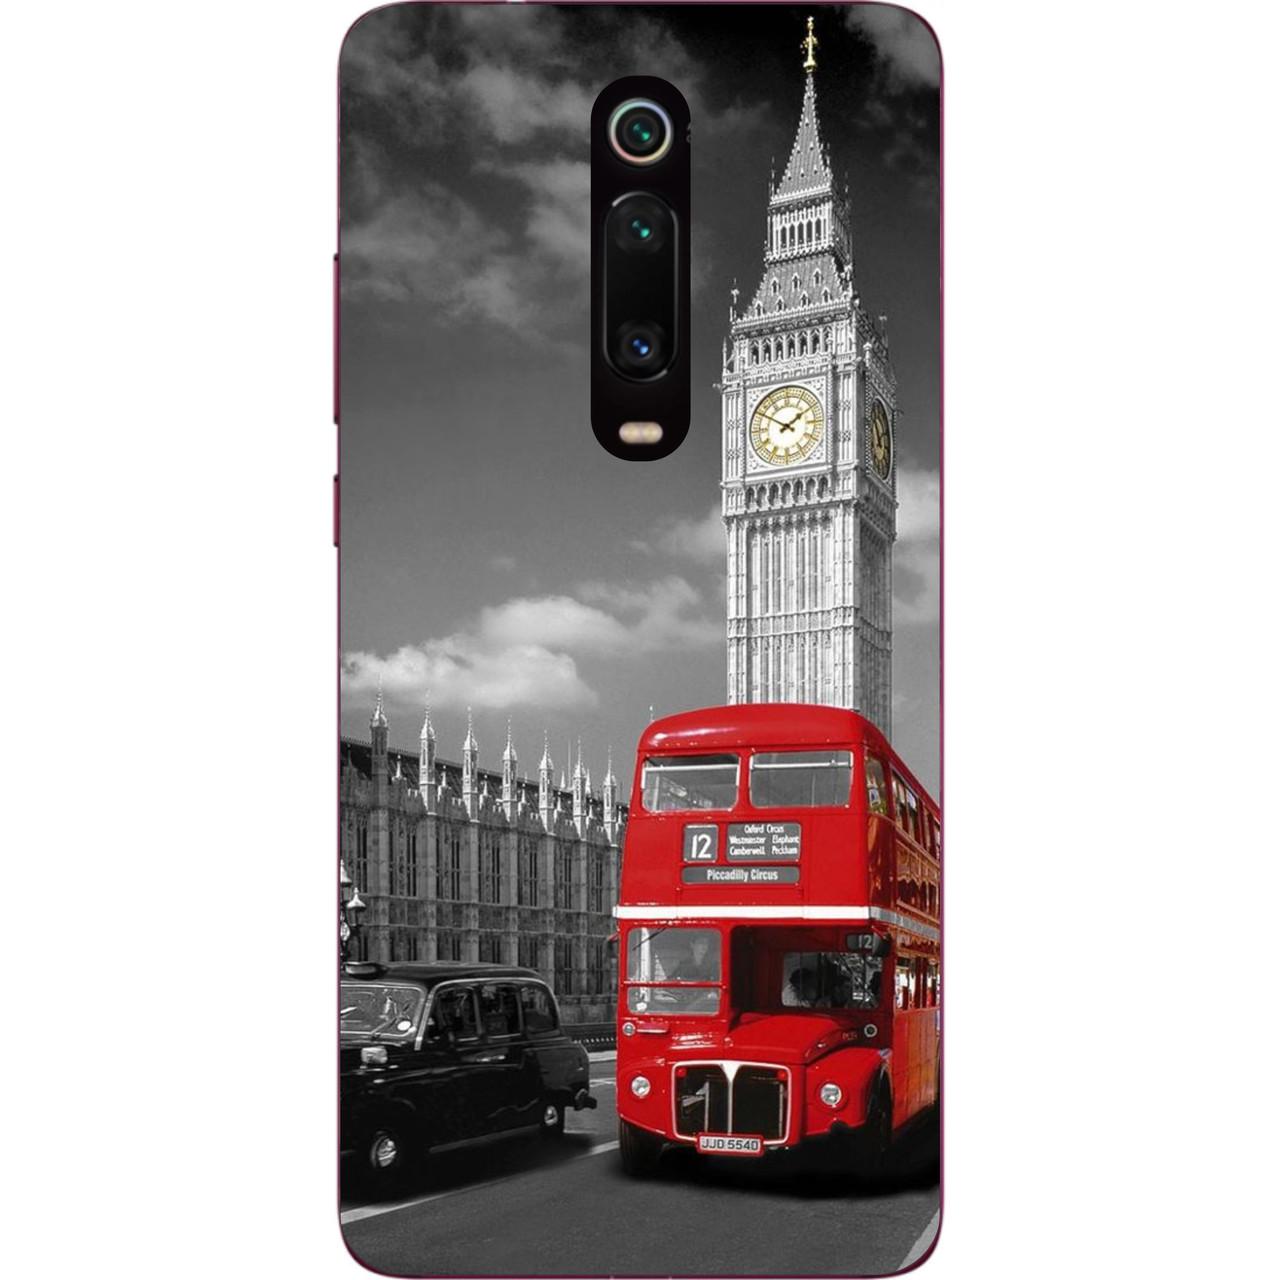 Бампер силіконовий чохол для Xiaomi Mi 9t / K20 / Mi 9t Pro / K20 Pro з картинкою Лондон